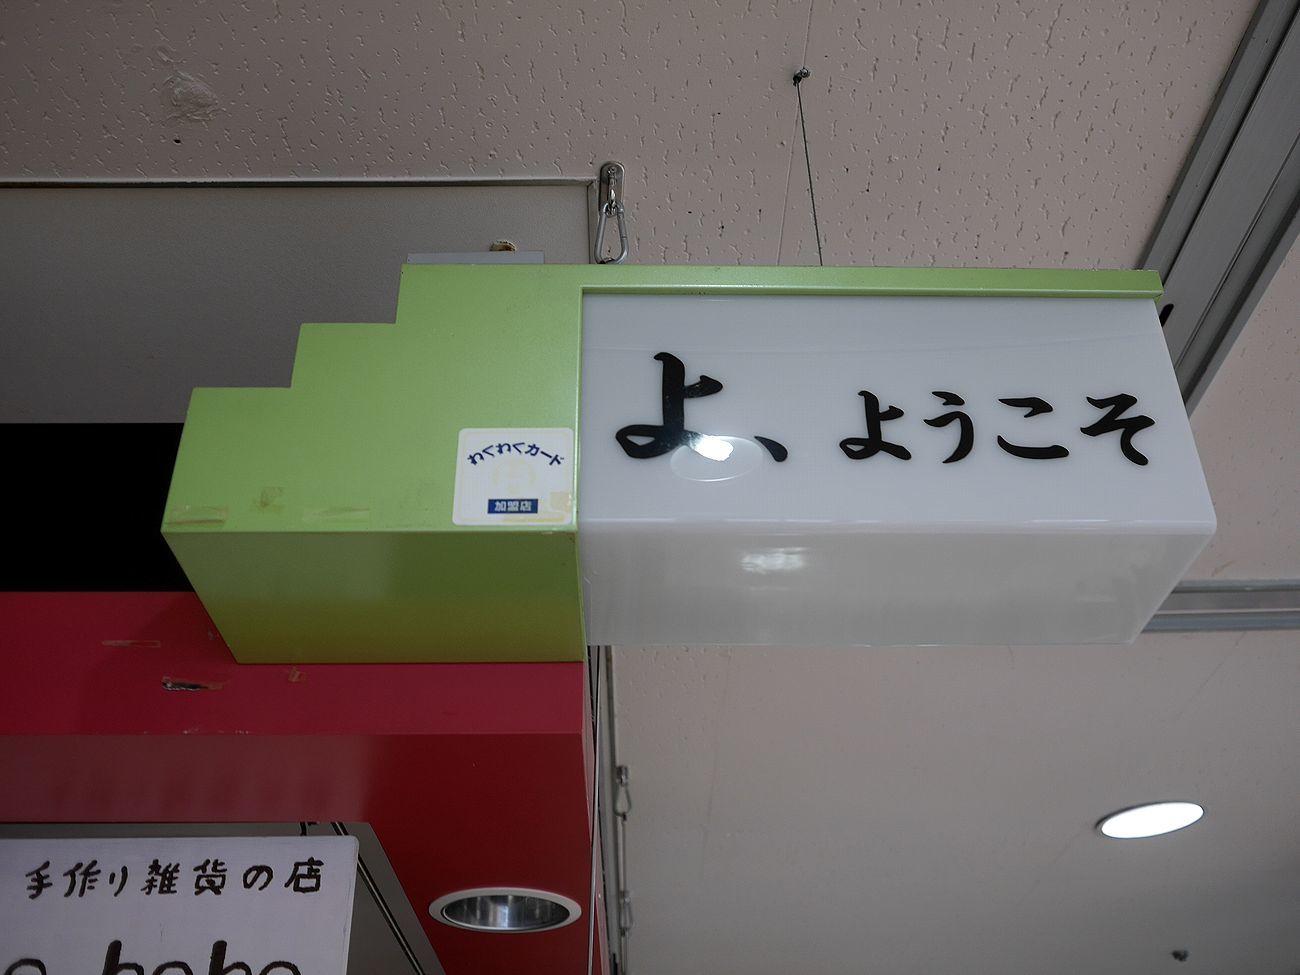 _1350247.jpg